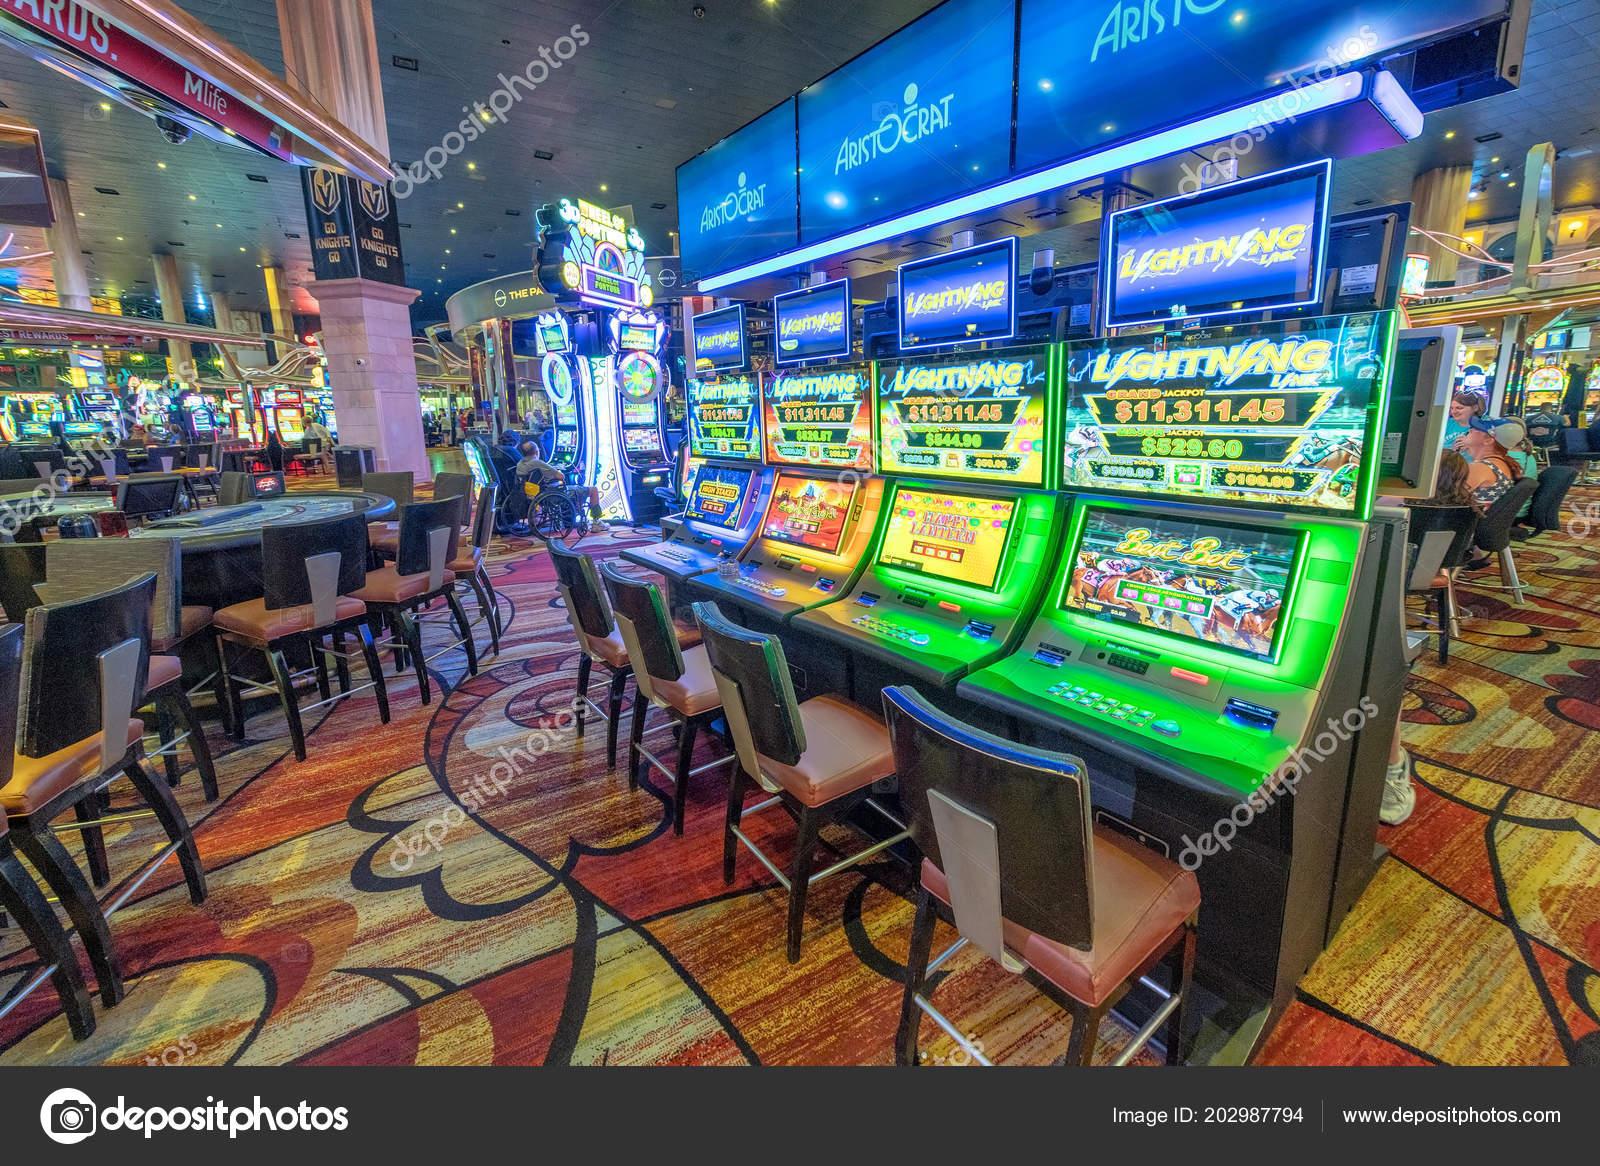 Игровые автоматы невада играть бесплатно онлайн сериал с участием нилова про казино